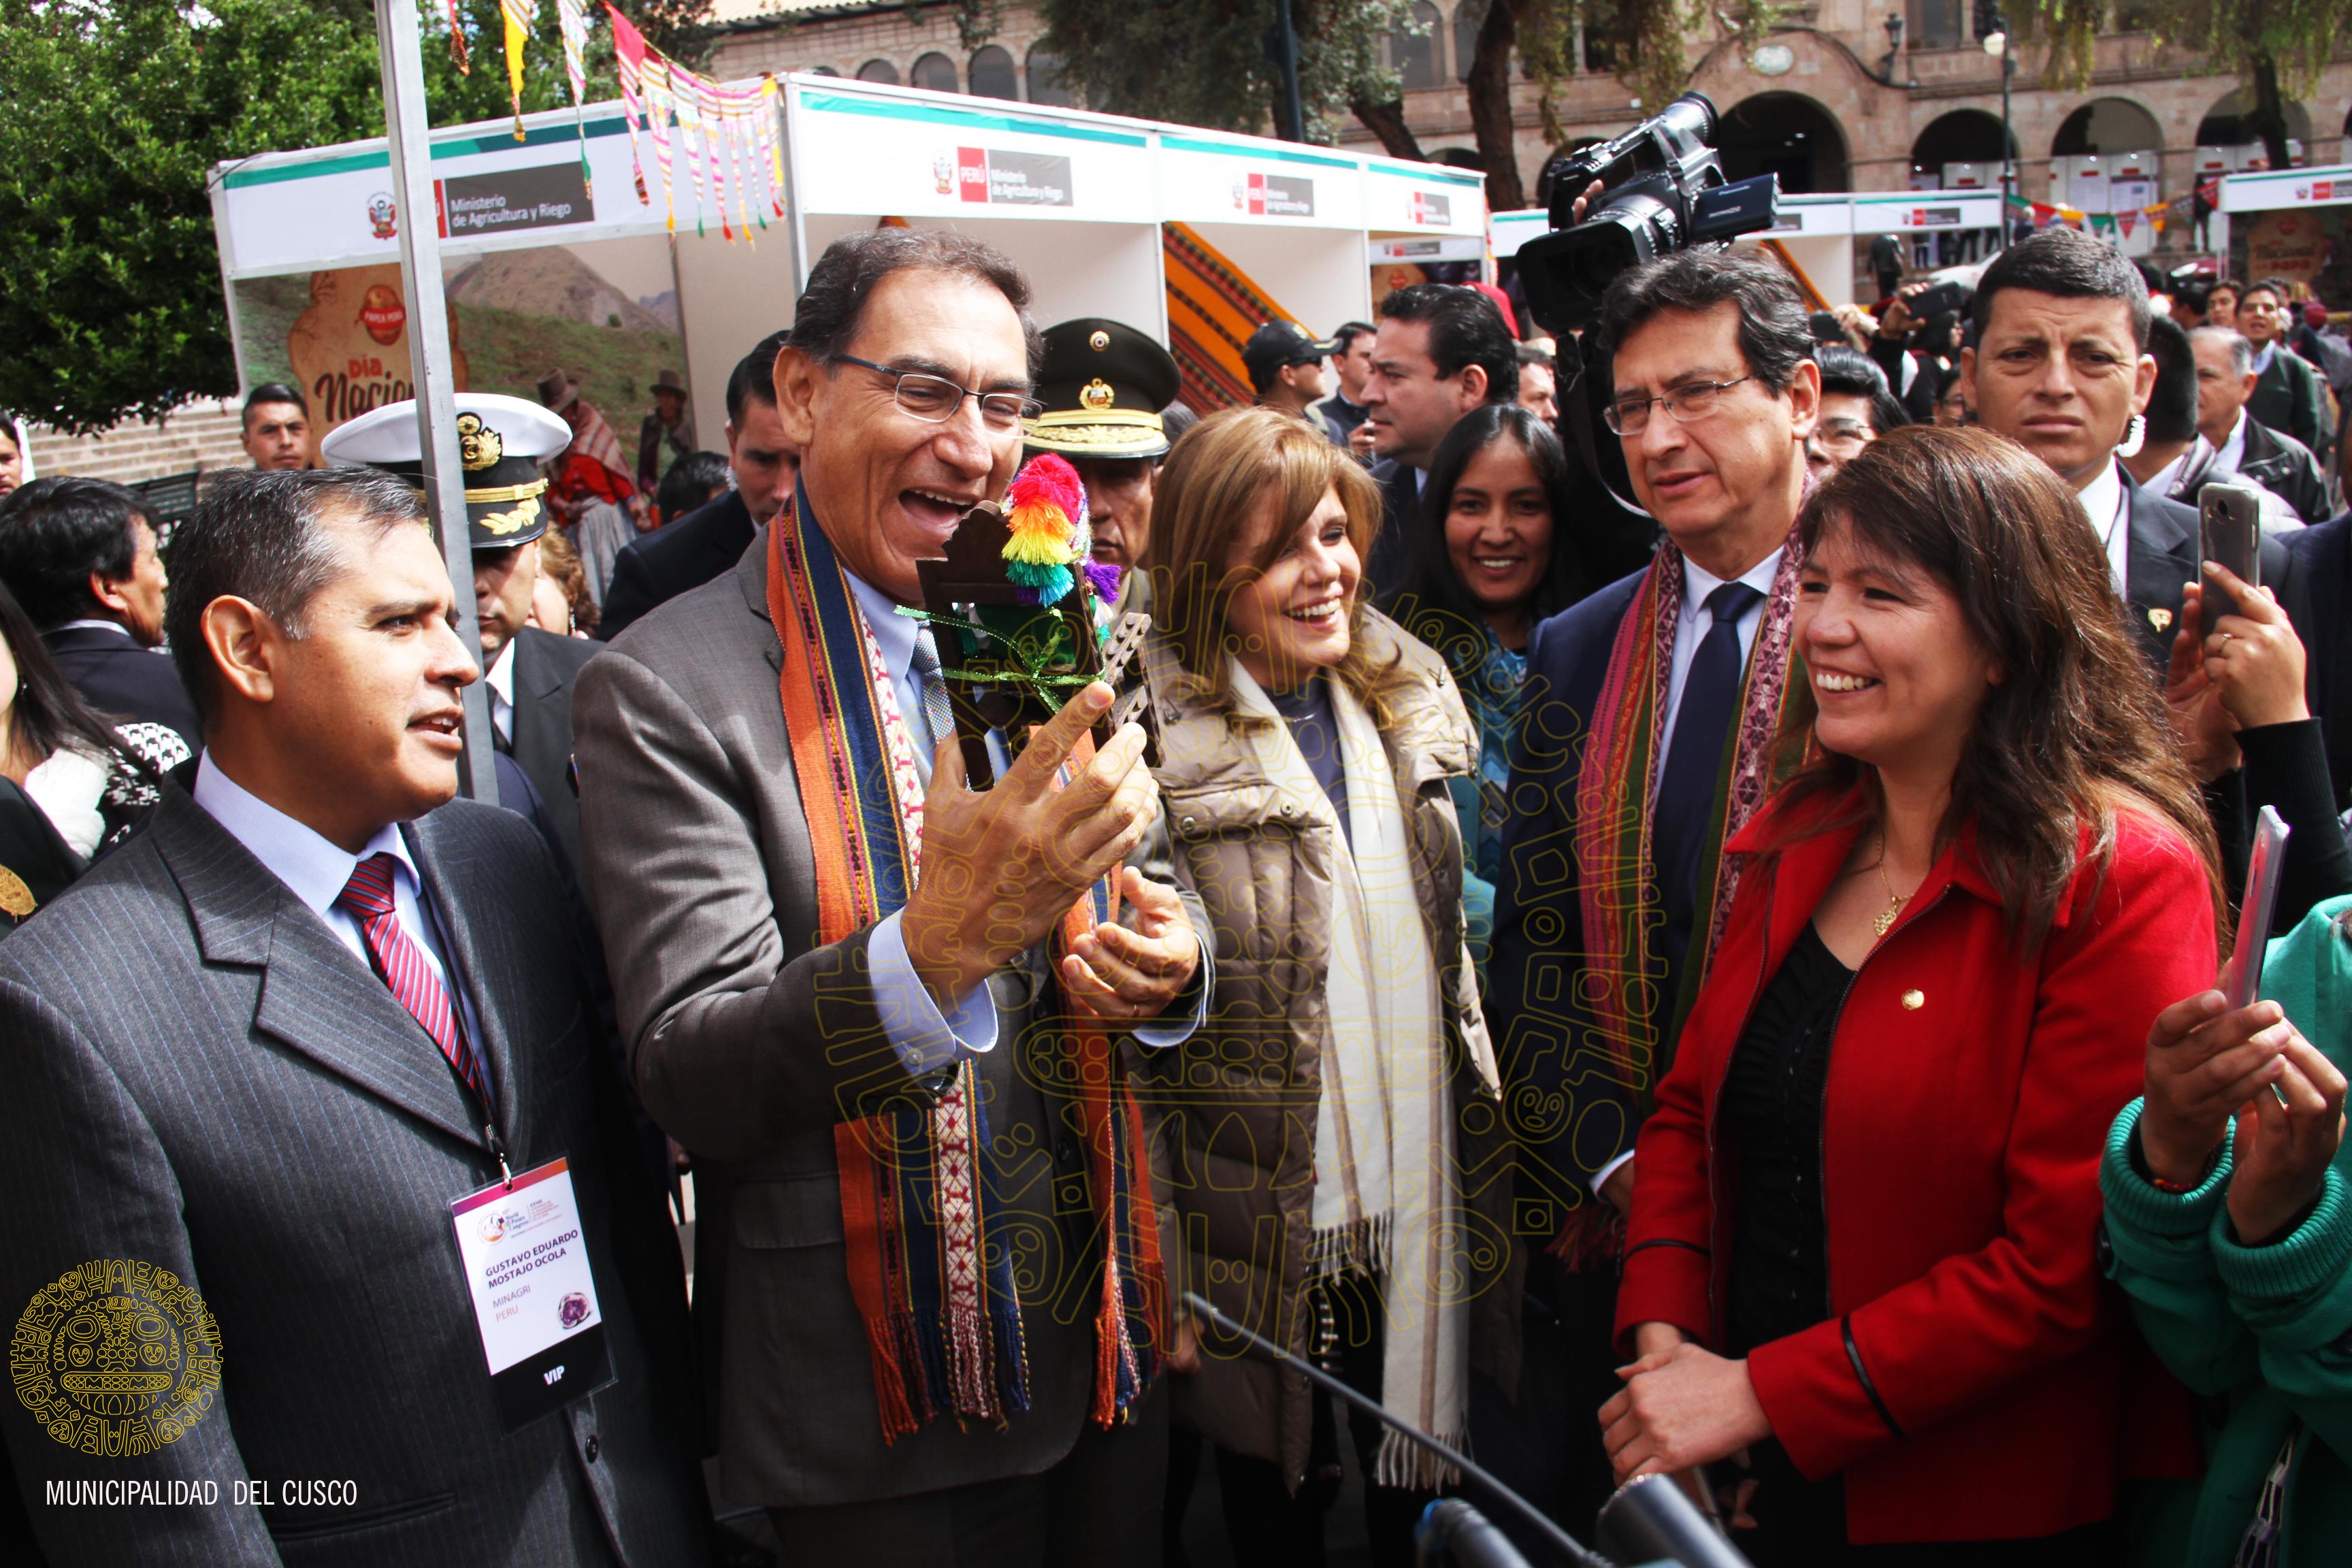 PRESIDENTE DE LA  REPÚBLICA MARTÍN VIZCARRA VISITA LA CIUDAD DEL CUSCO PARA REUNIRSE CON EL ALCALDE CARLOS MOSCOSO PEREA